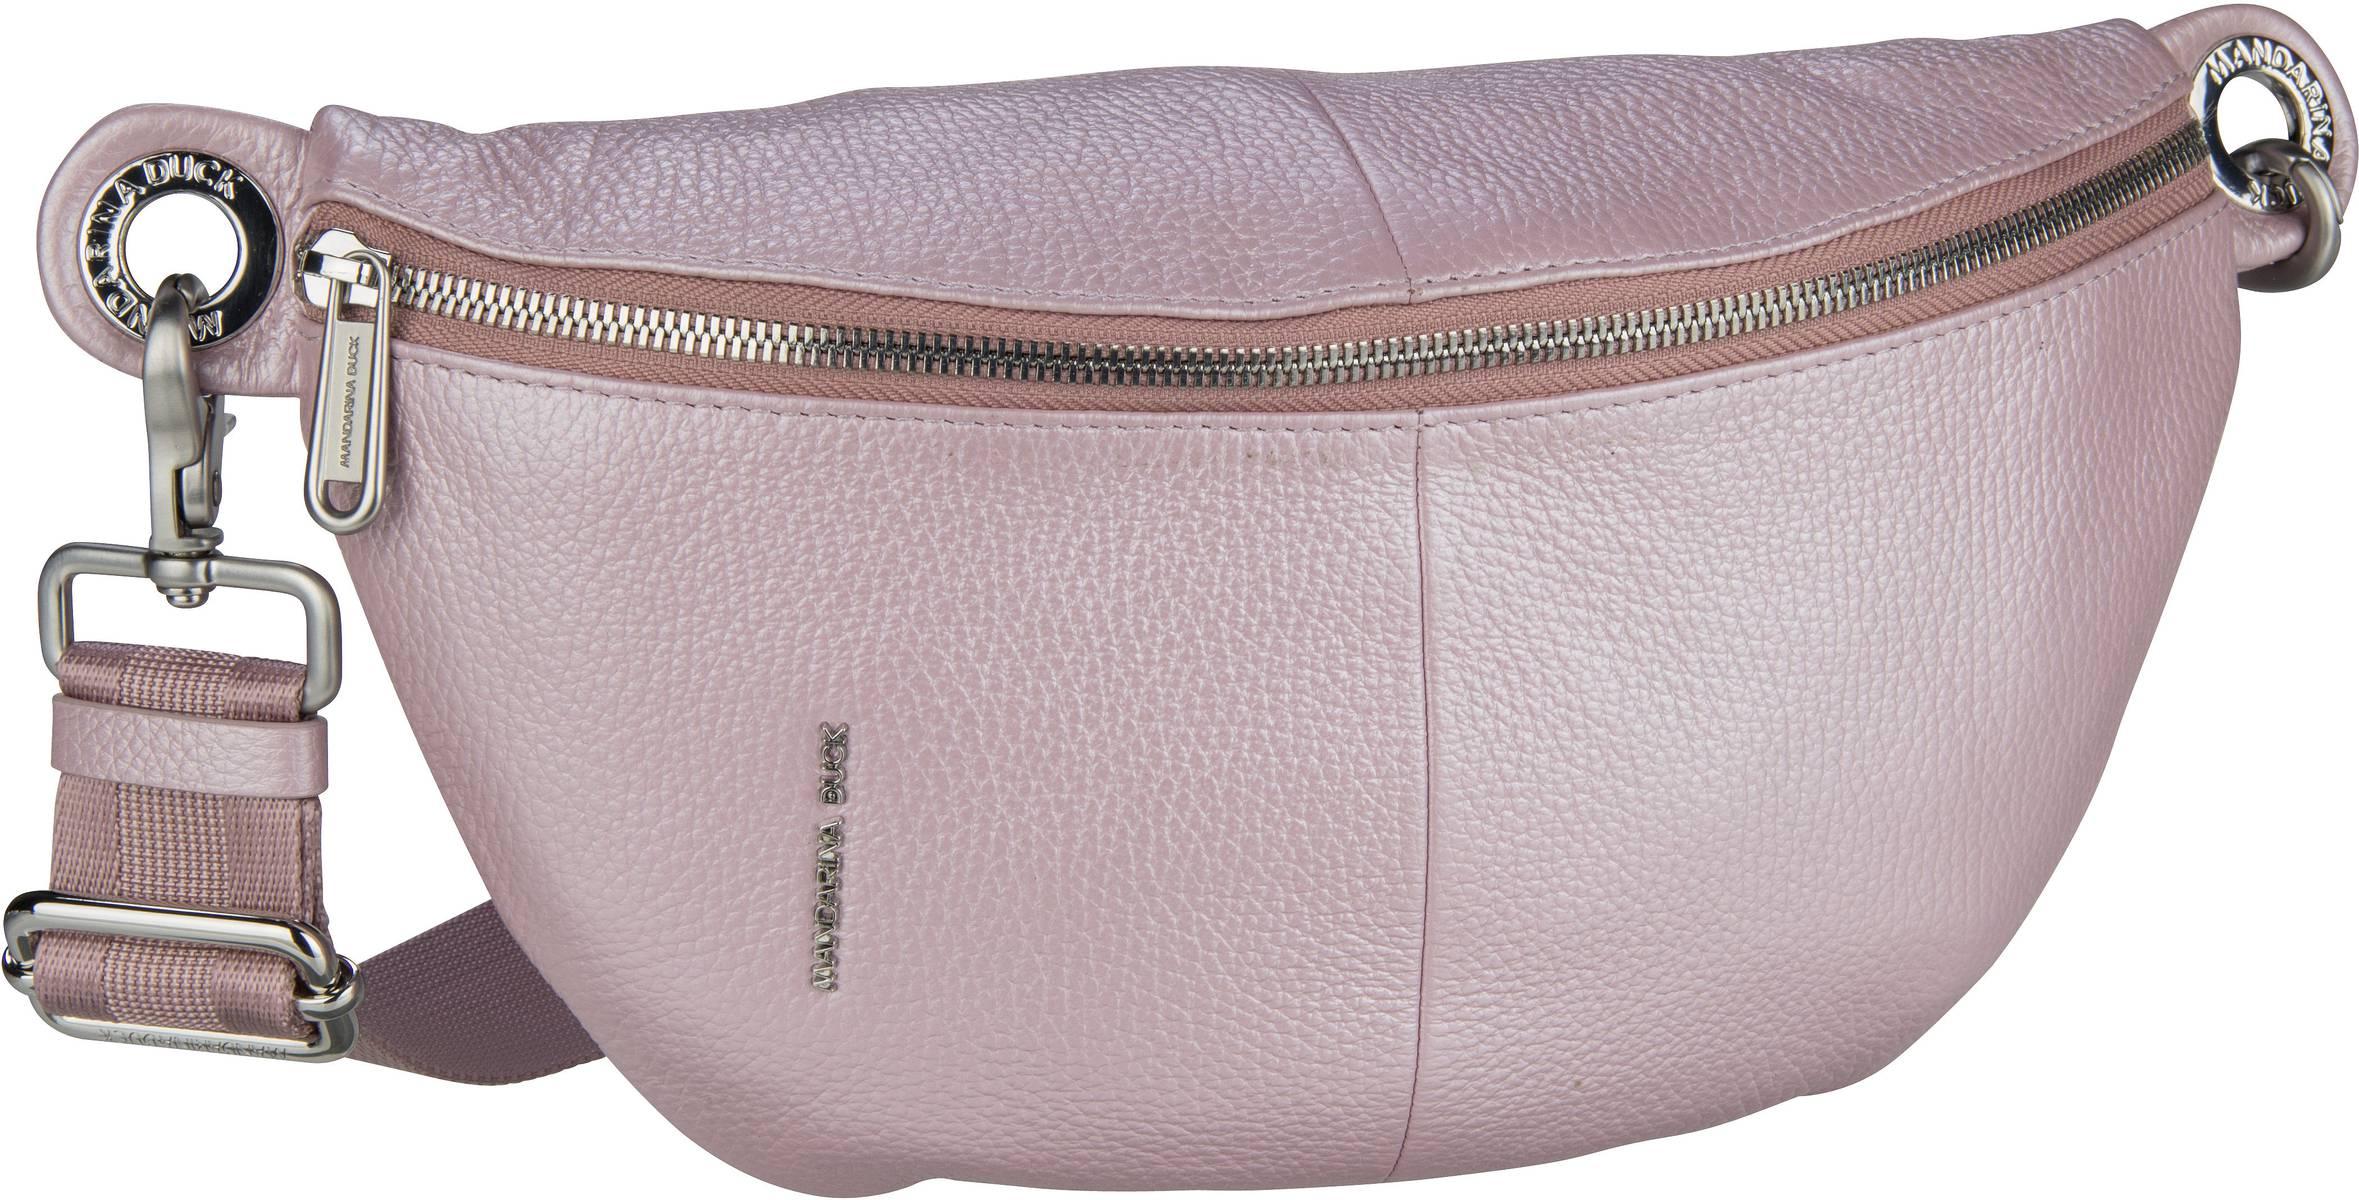 Kleinwaren - Mandarina Duck Gürteltasche Mellow Leather Lux Bum Bag ZLT73 Glicine  - Onlineshop Taschenkaufhaus